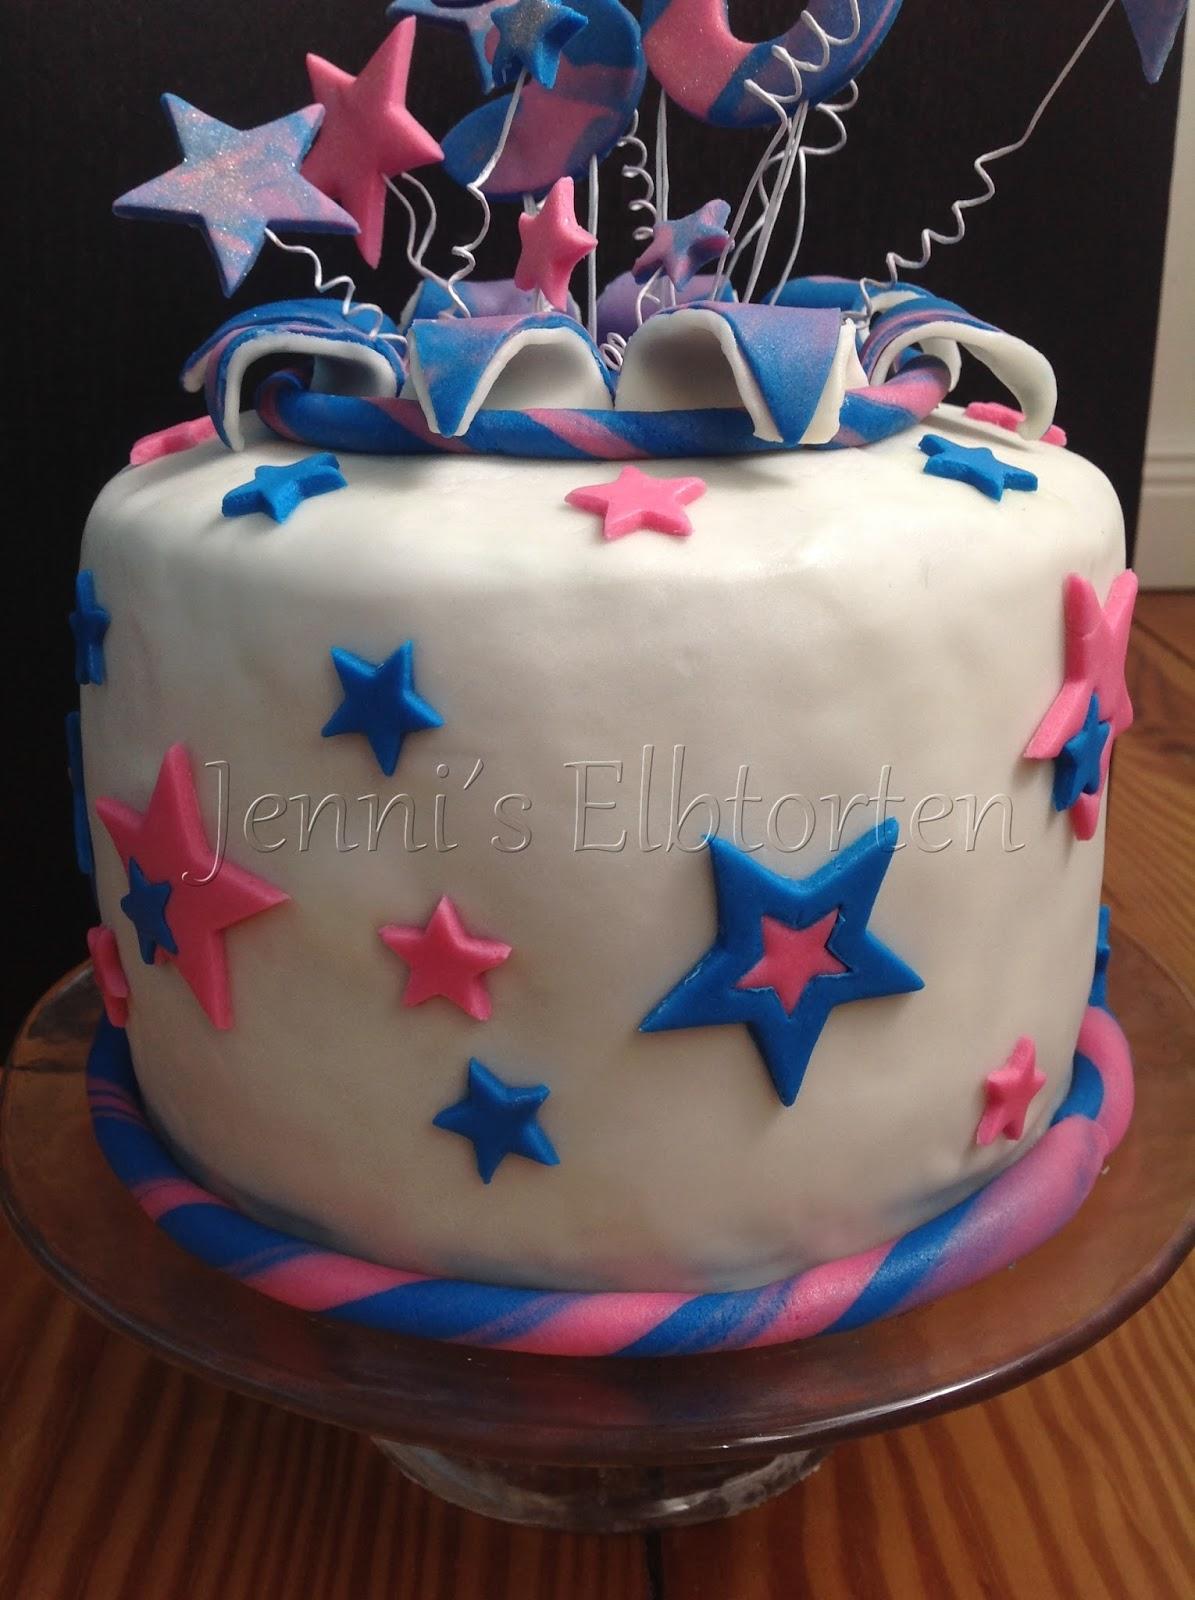 Kuchen 30 Geburtstag Kuchen Zum 30 Geburtstag Zuhause Image Idee